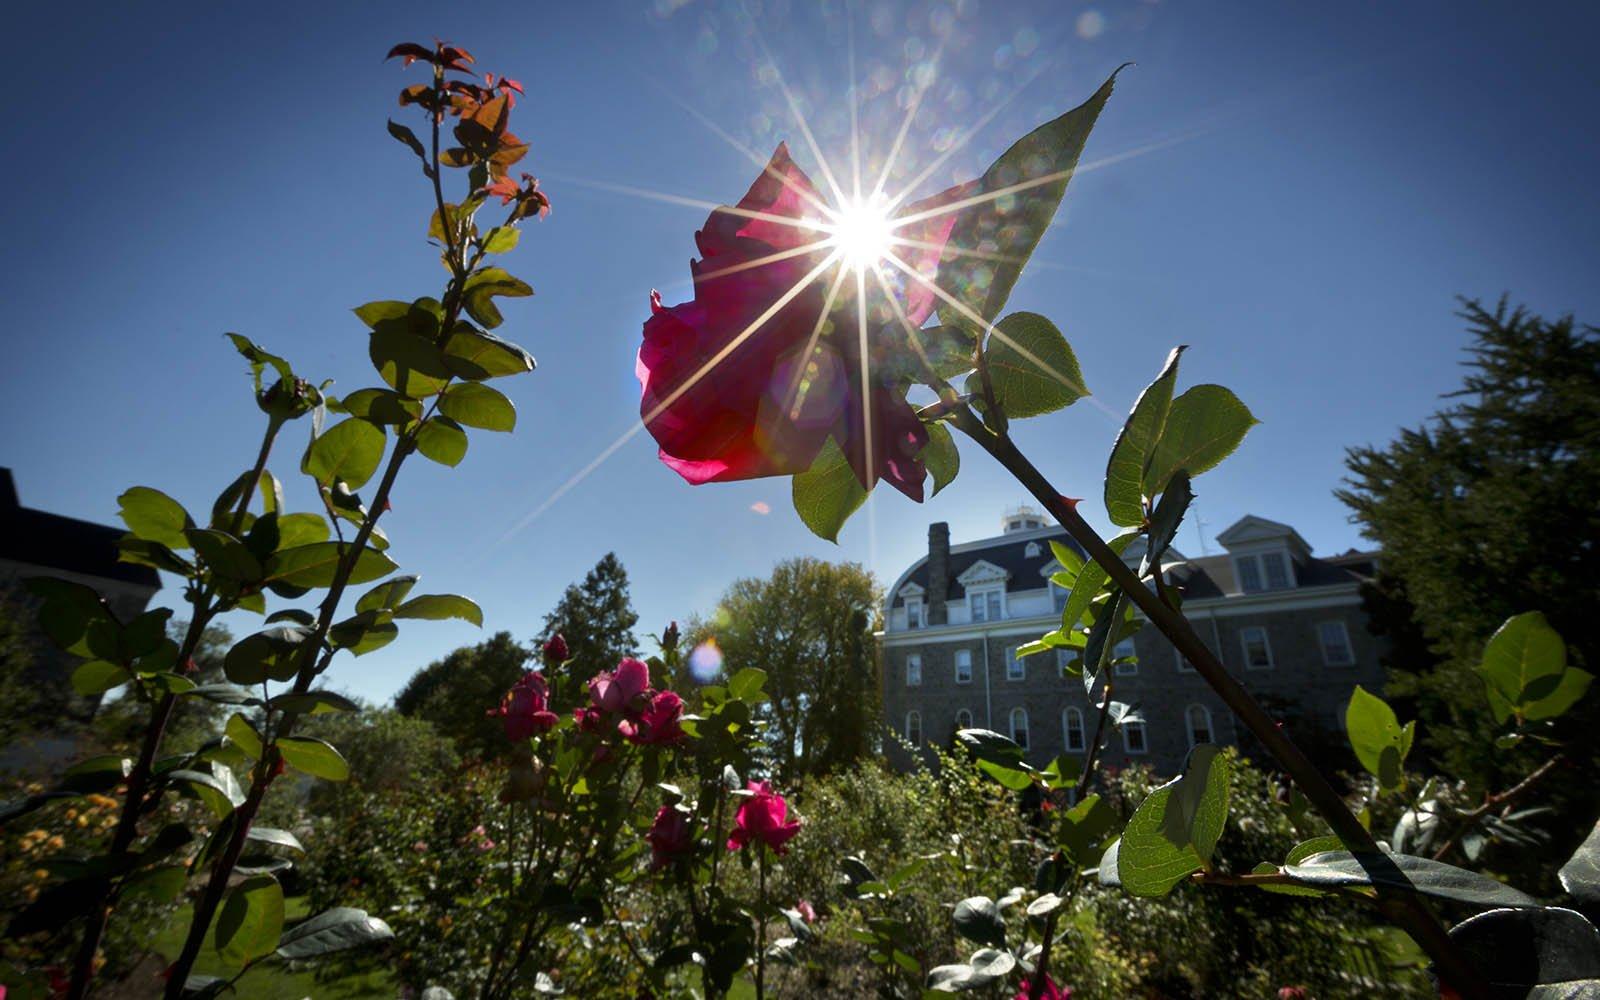 Sunlight through a rose